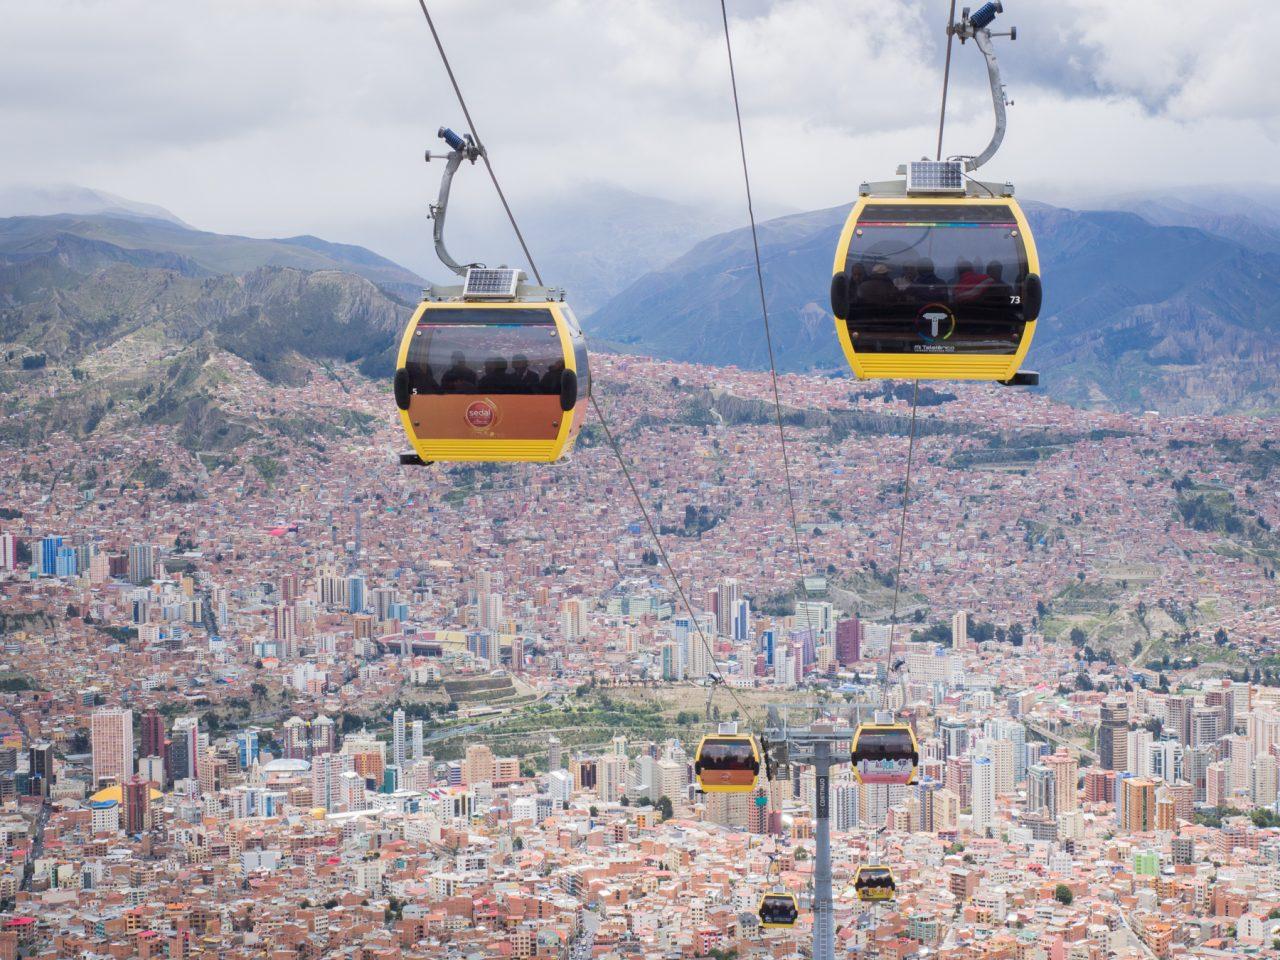 Altitude la paz - téléphérique la paz-Bolivie voyage-vue aérienne la paz-montagne bolivie